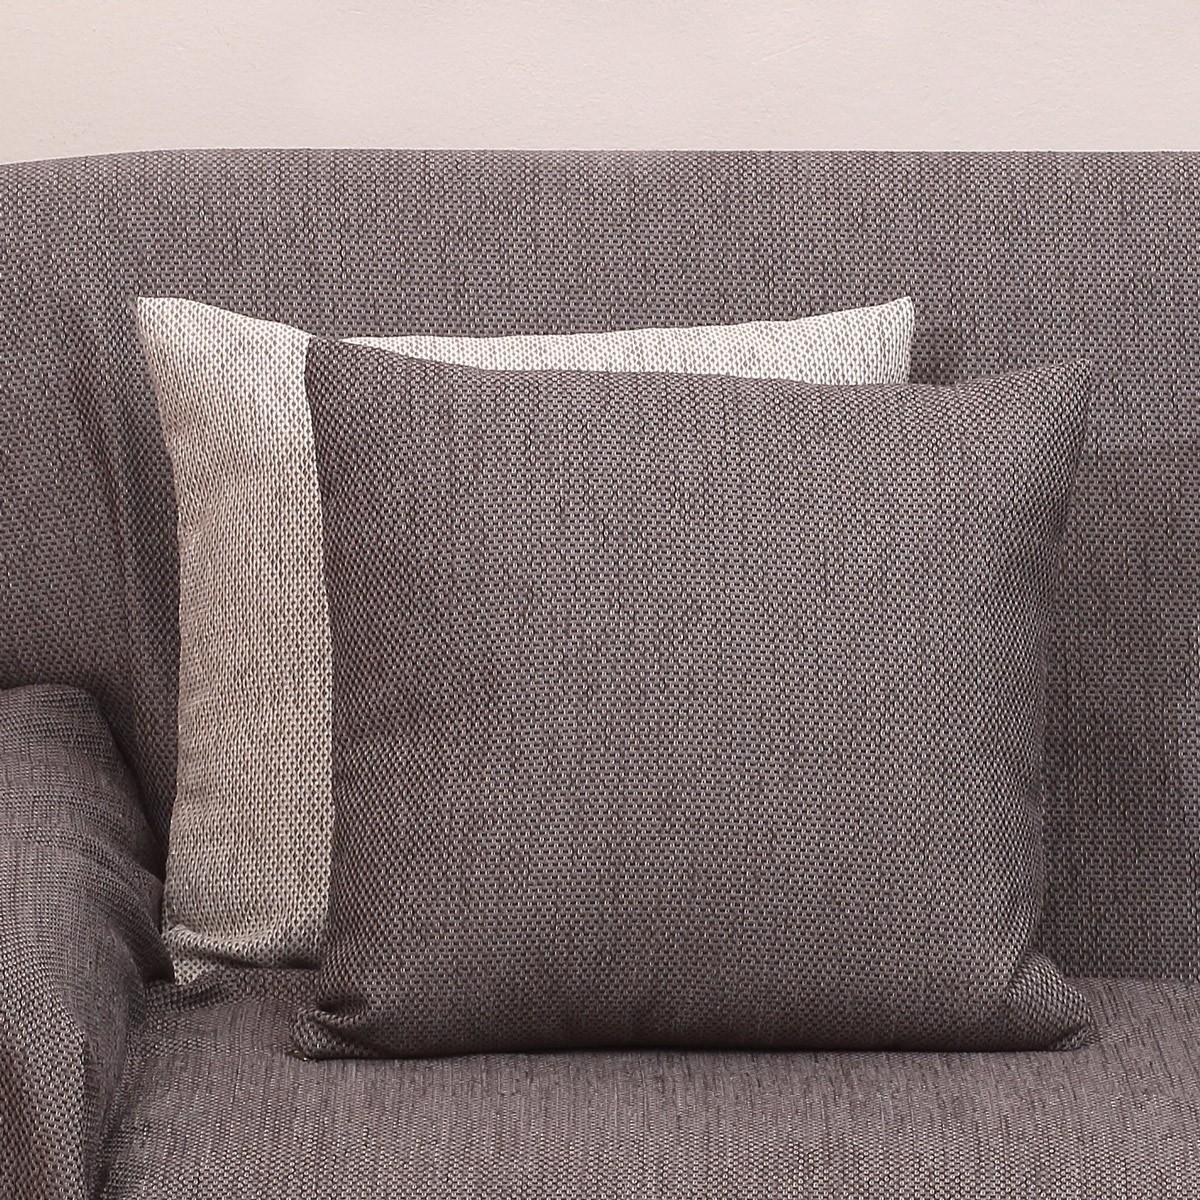 Διακοσμητικό Μαξιλάρι (42×42) Viopros 2100 Γκρι